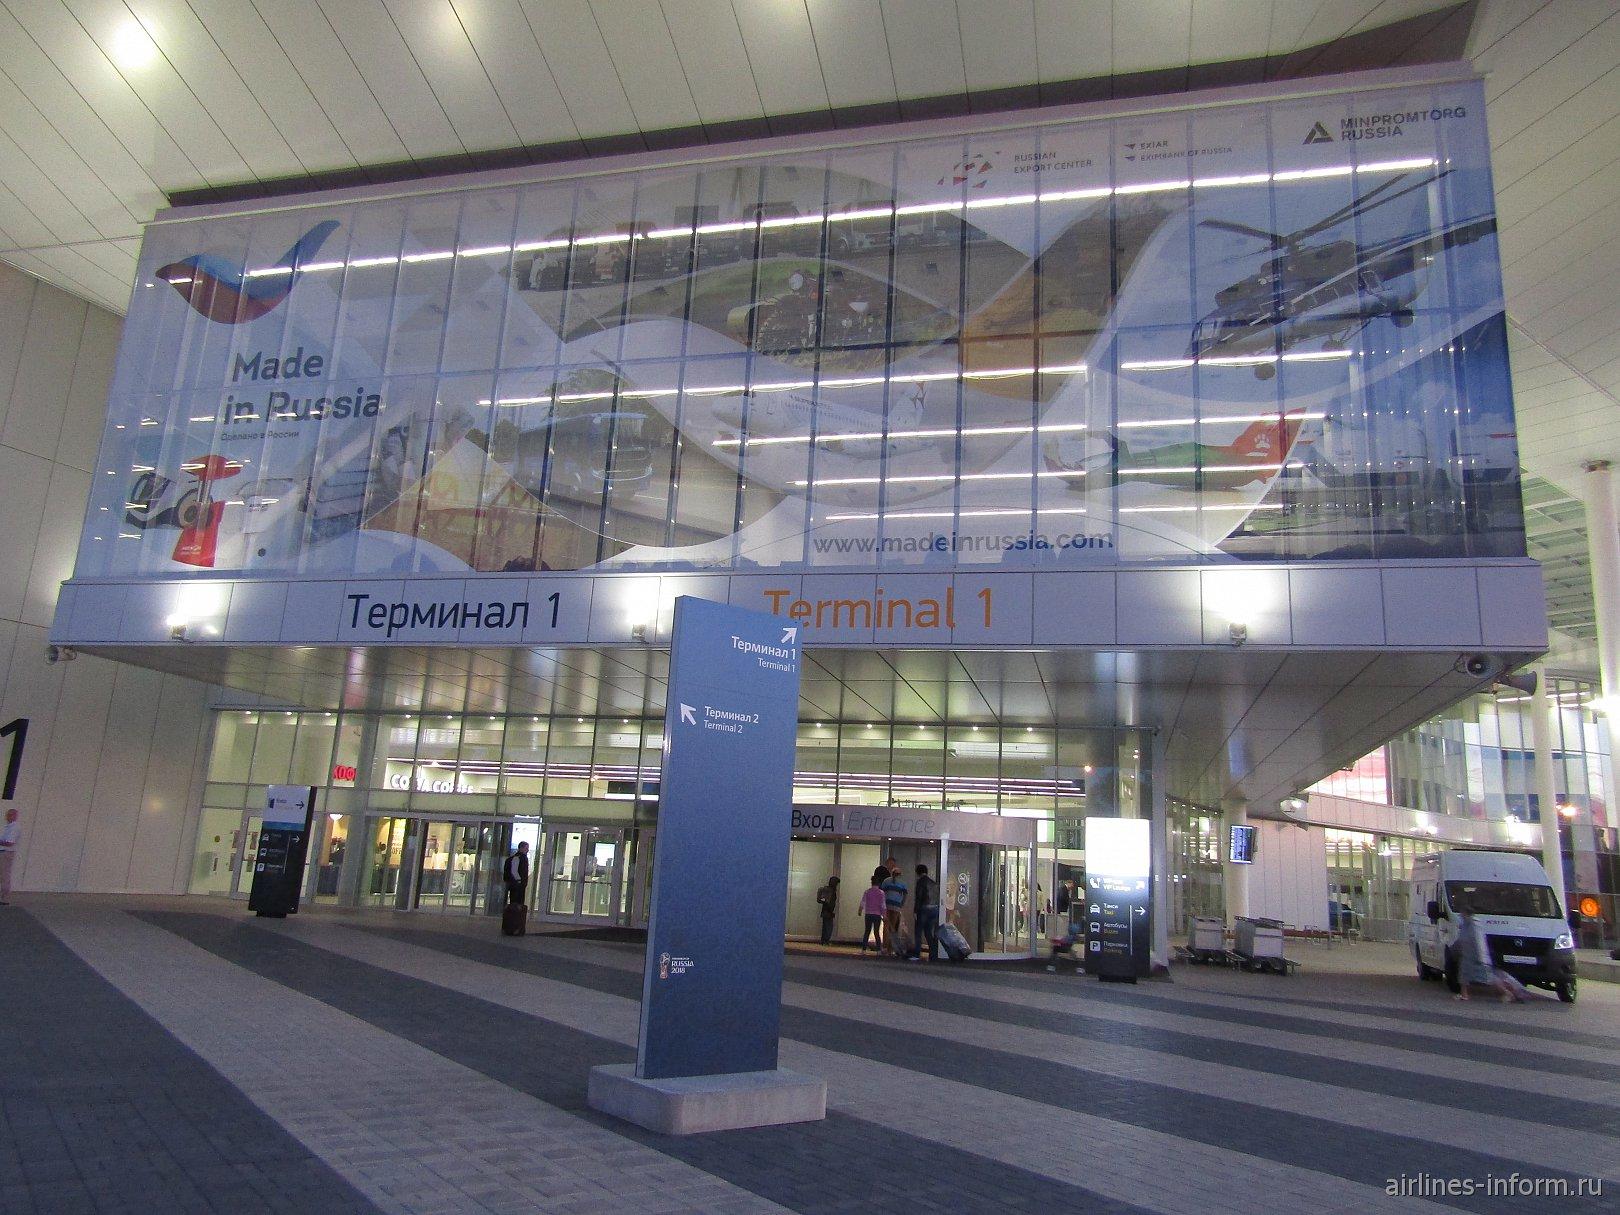 Вход в терминал 1 аэропорта Нижний Новгород Стригино